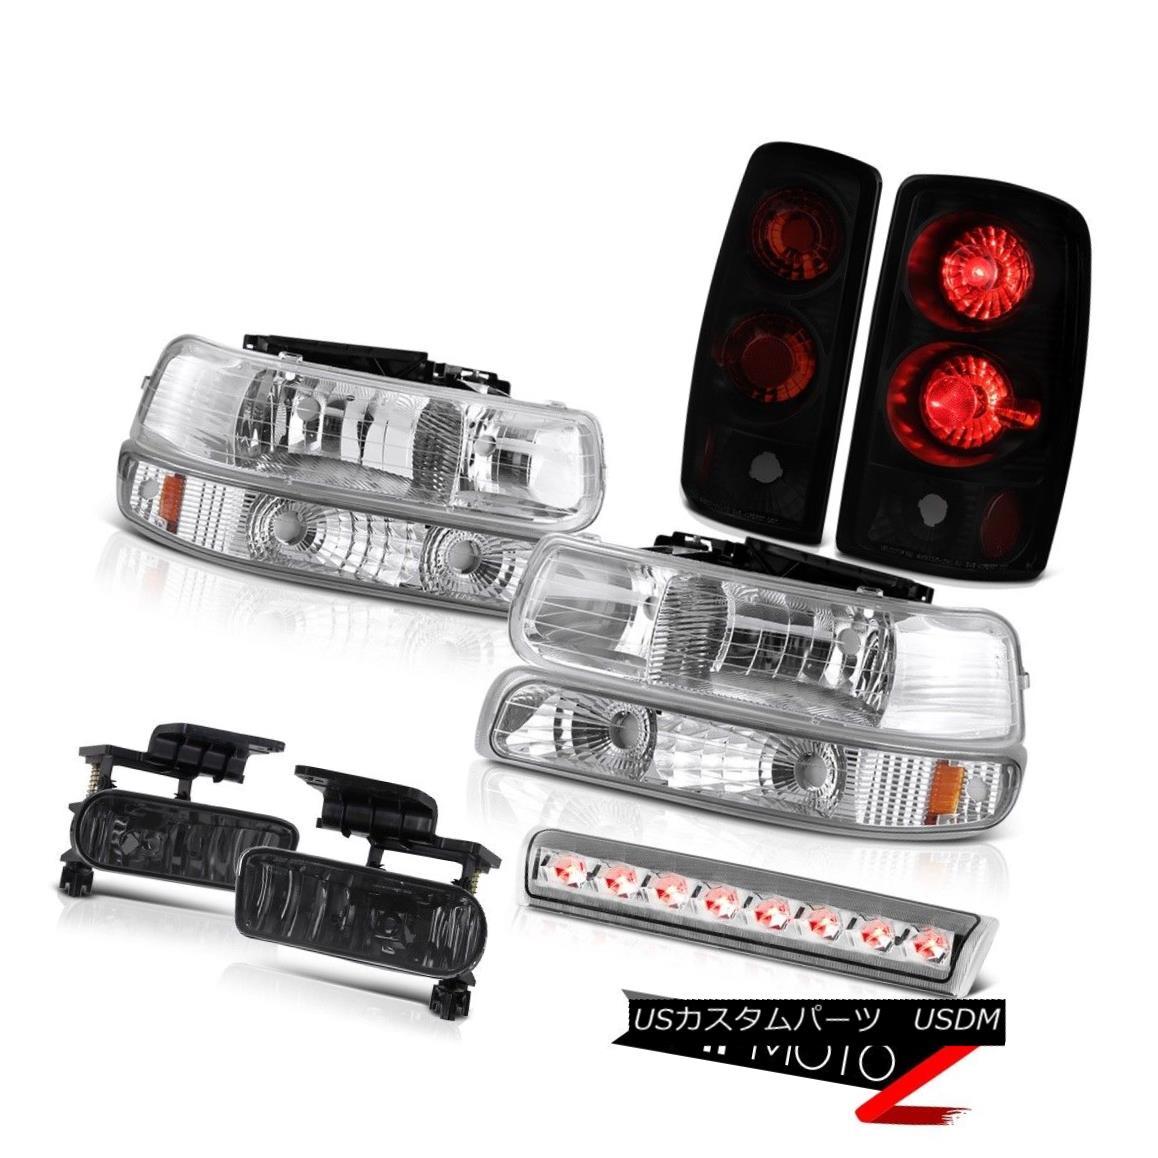 テールライト 00 01 02 03 04 05 06 Suburban LS Headlights parking brake lights fog 3rd Lamp 00 01 02 03 04 05 06郊外LSヘッドライトパーキングブレーキライトフォグ第3ランプ